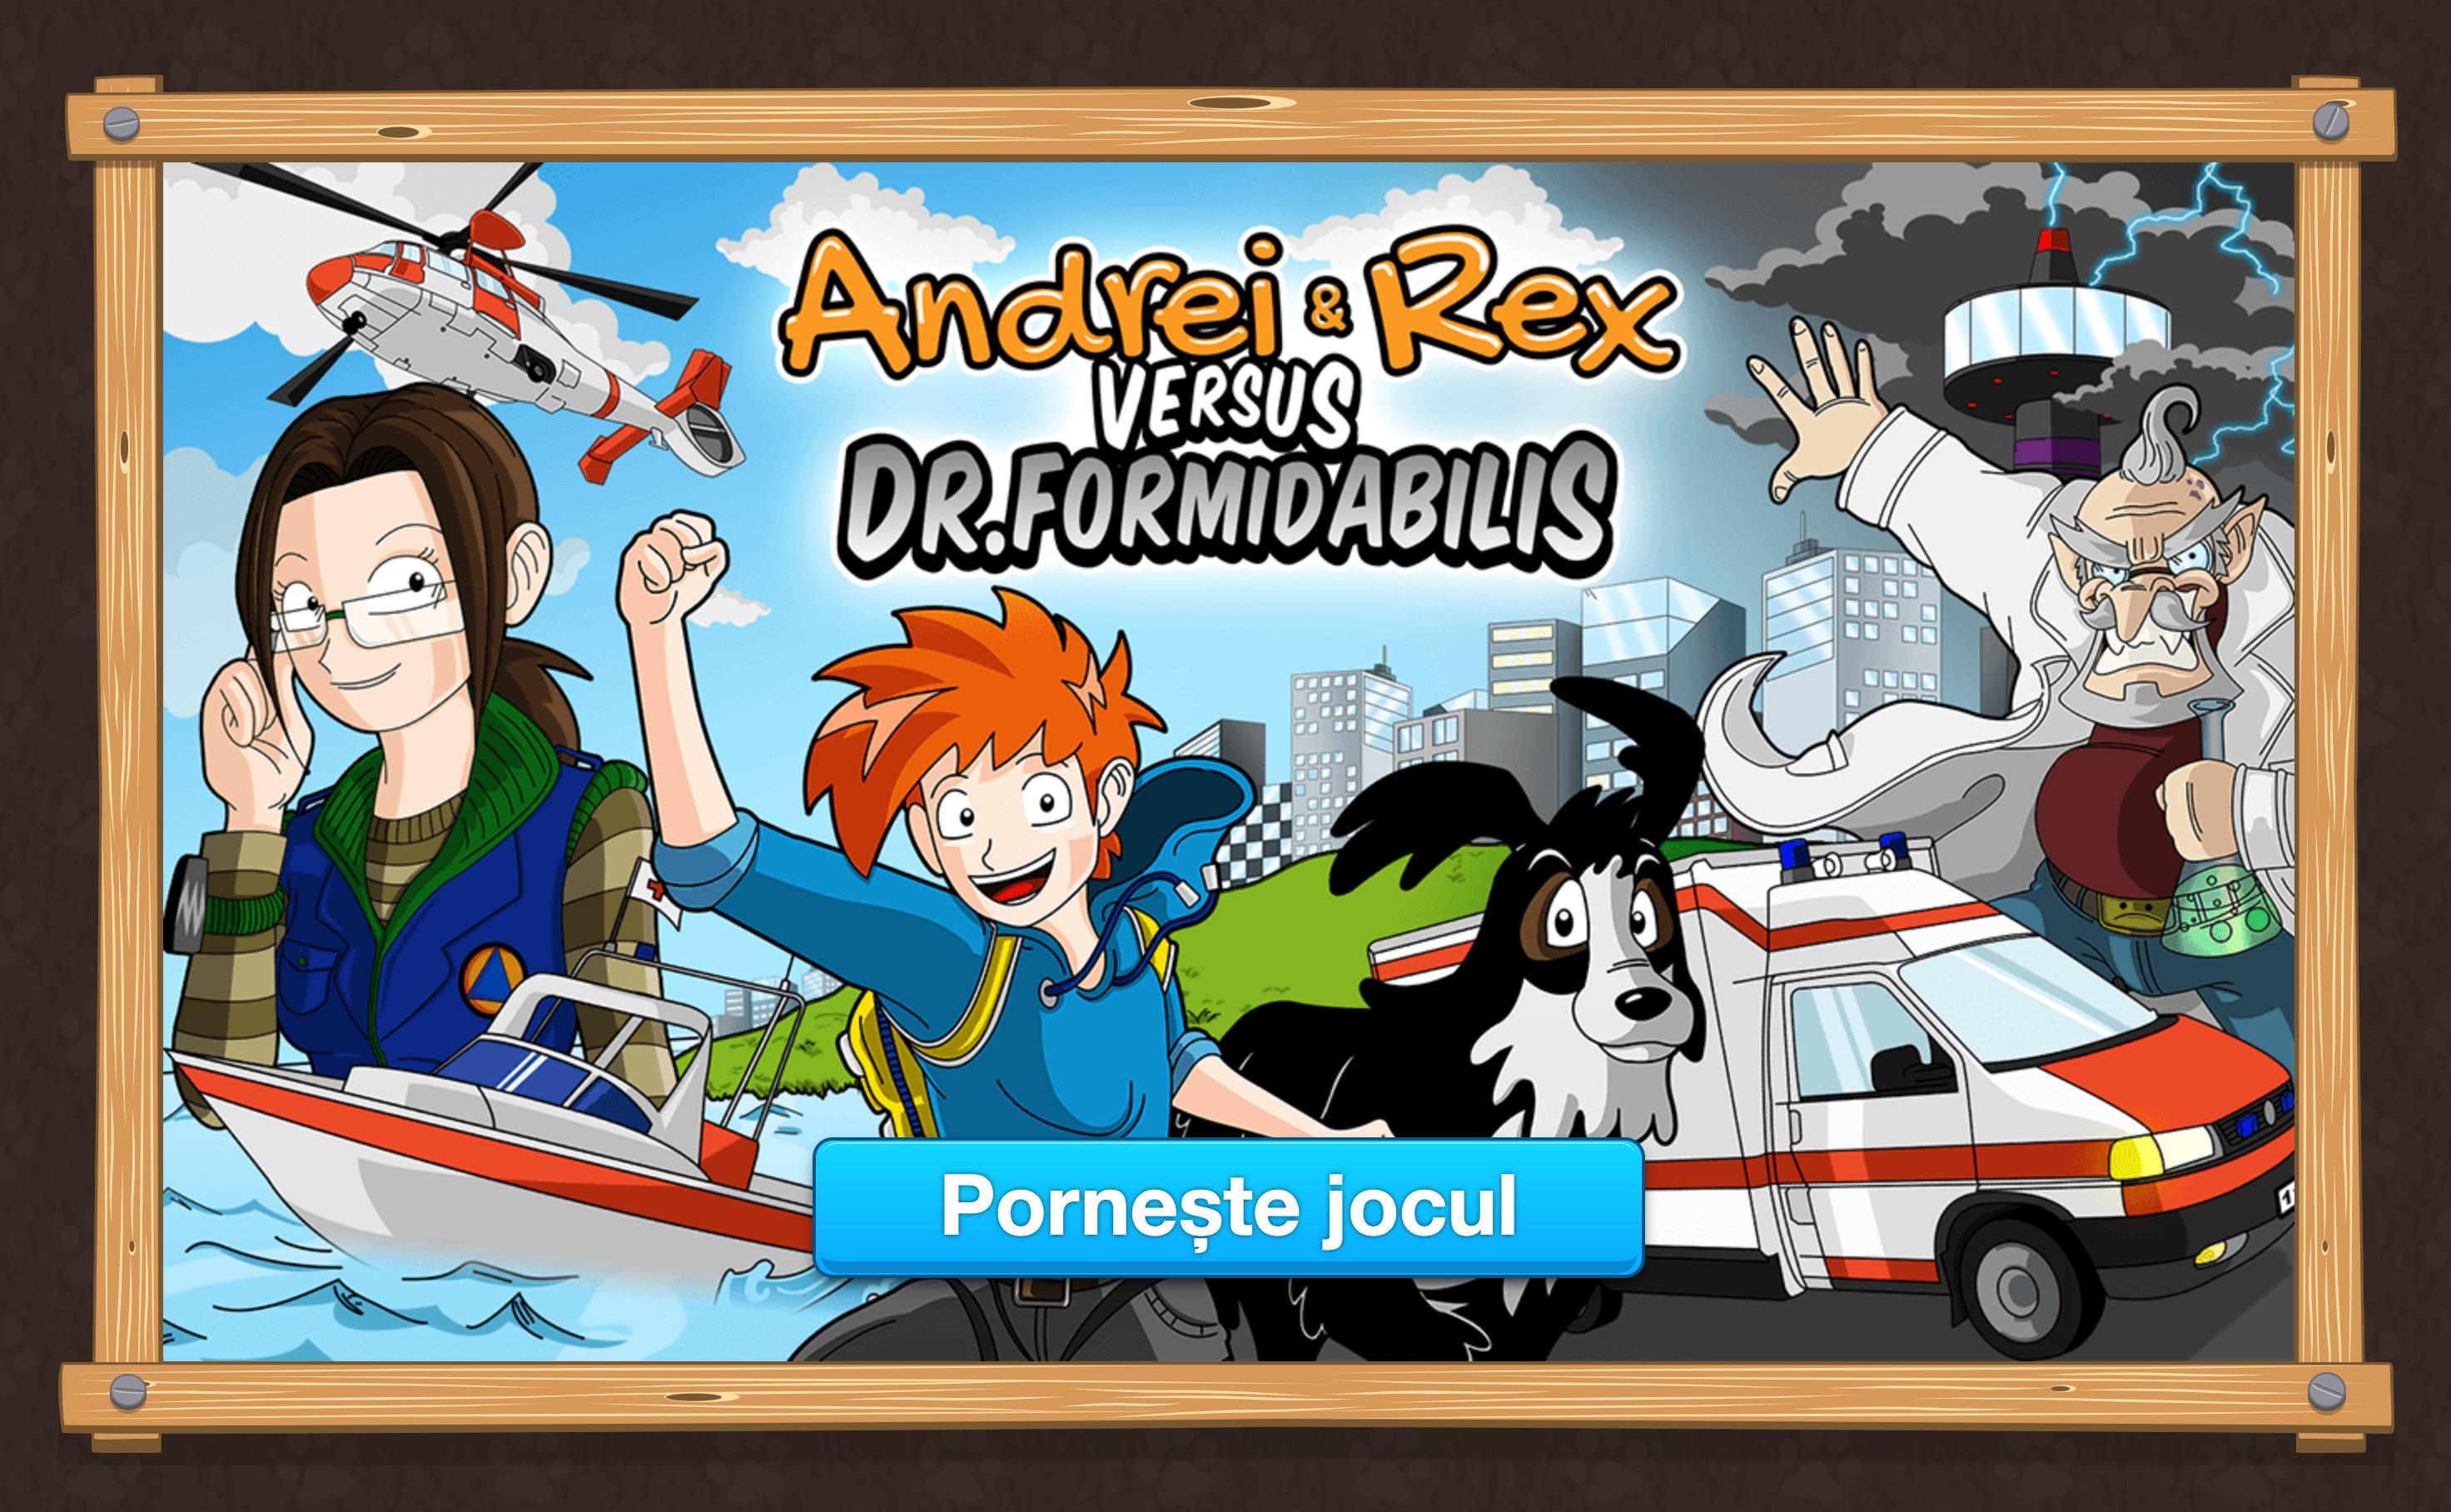 Andrei & Rex versus Dr. Formidabilis